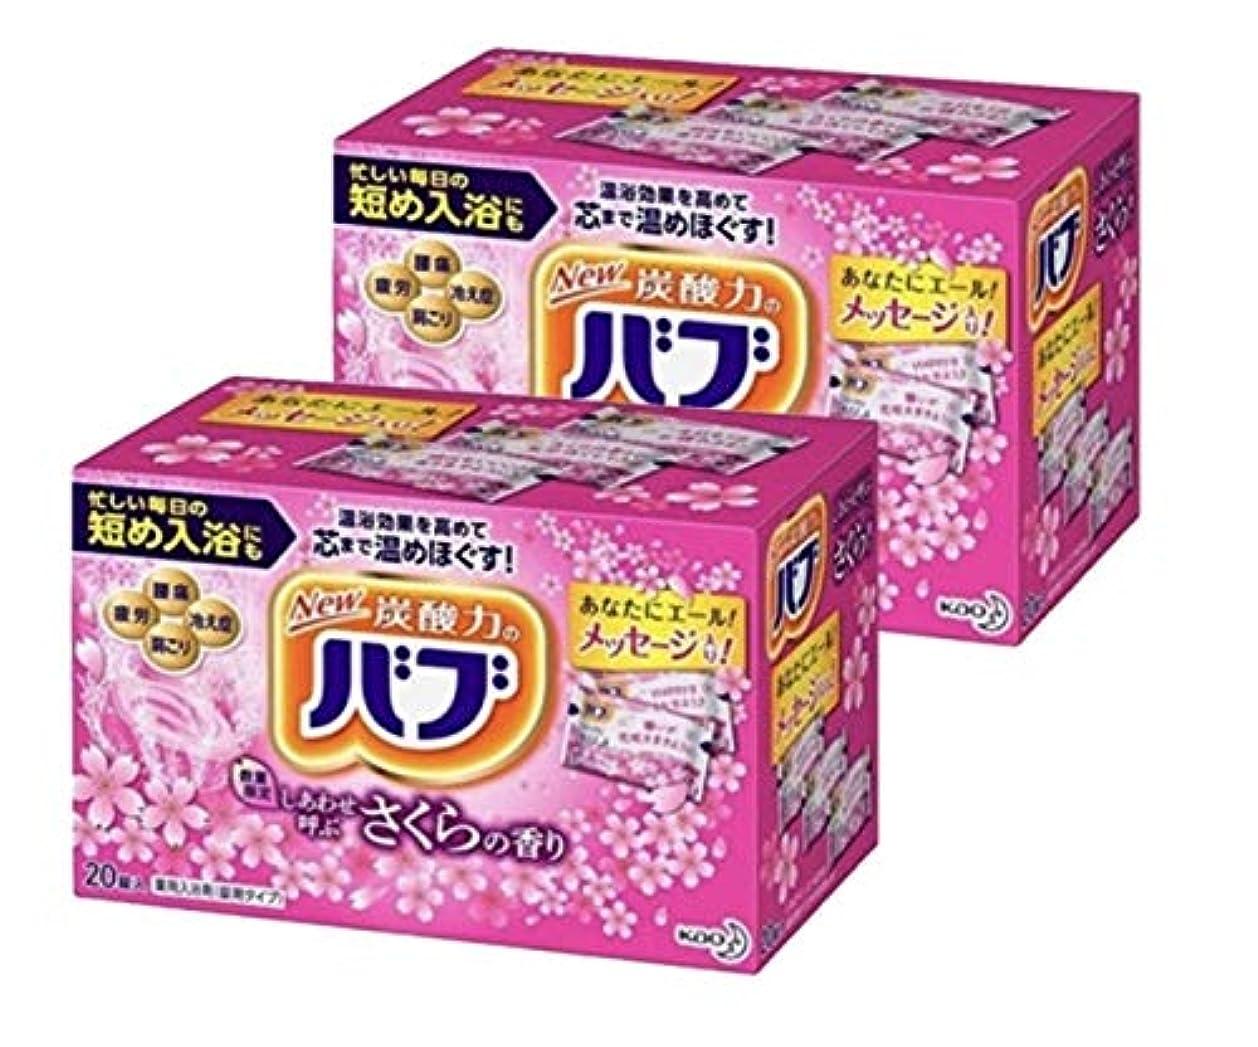 場所エール一定【まとめ買い】バブ 薬用入浴剤 しあわせ呼ぶ さくらの香り 20錠入り×2